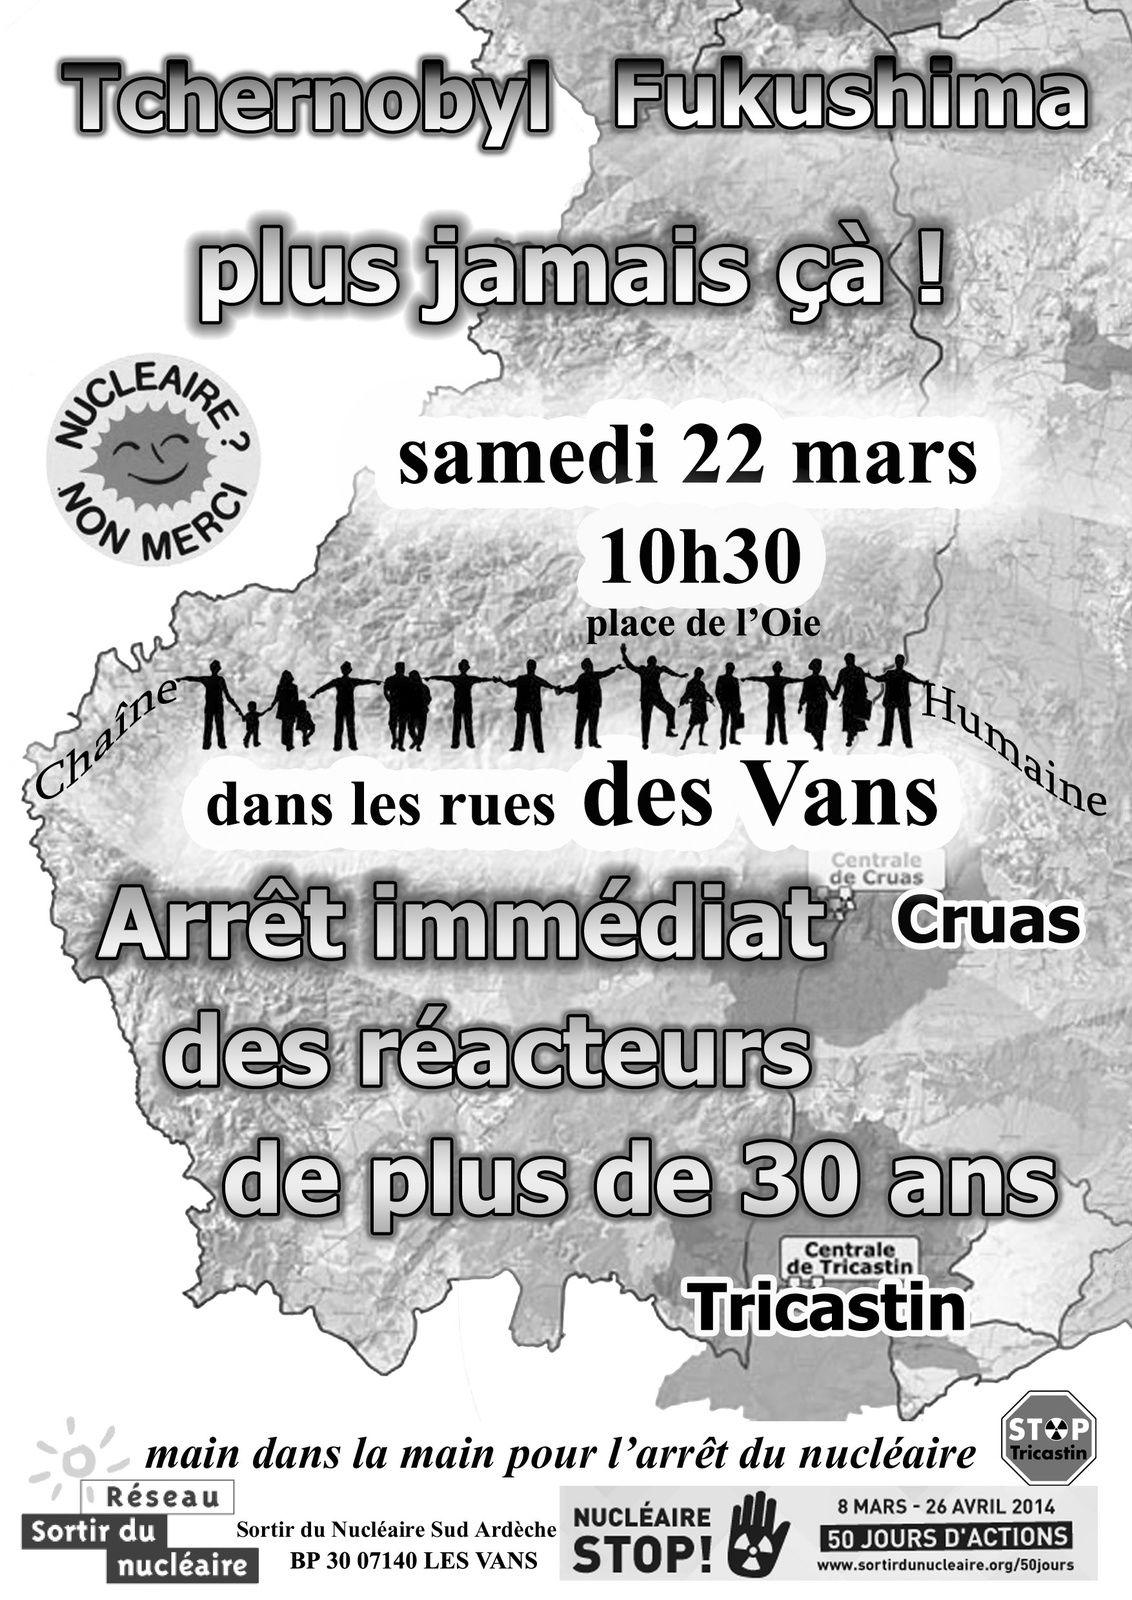 Chaîne humaine antinucléaire le 22 mars aux Vans